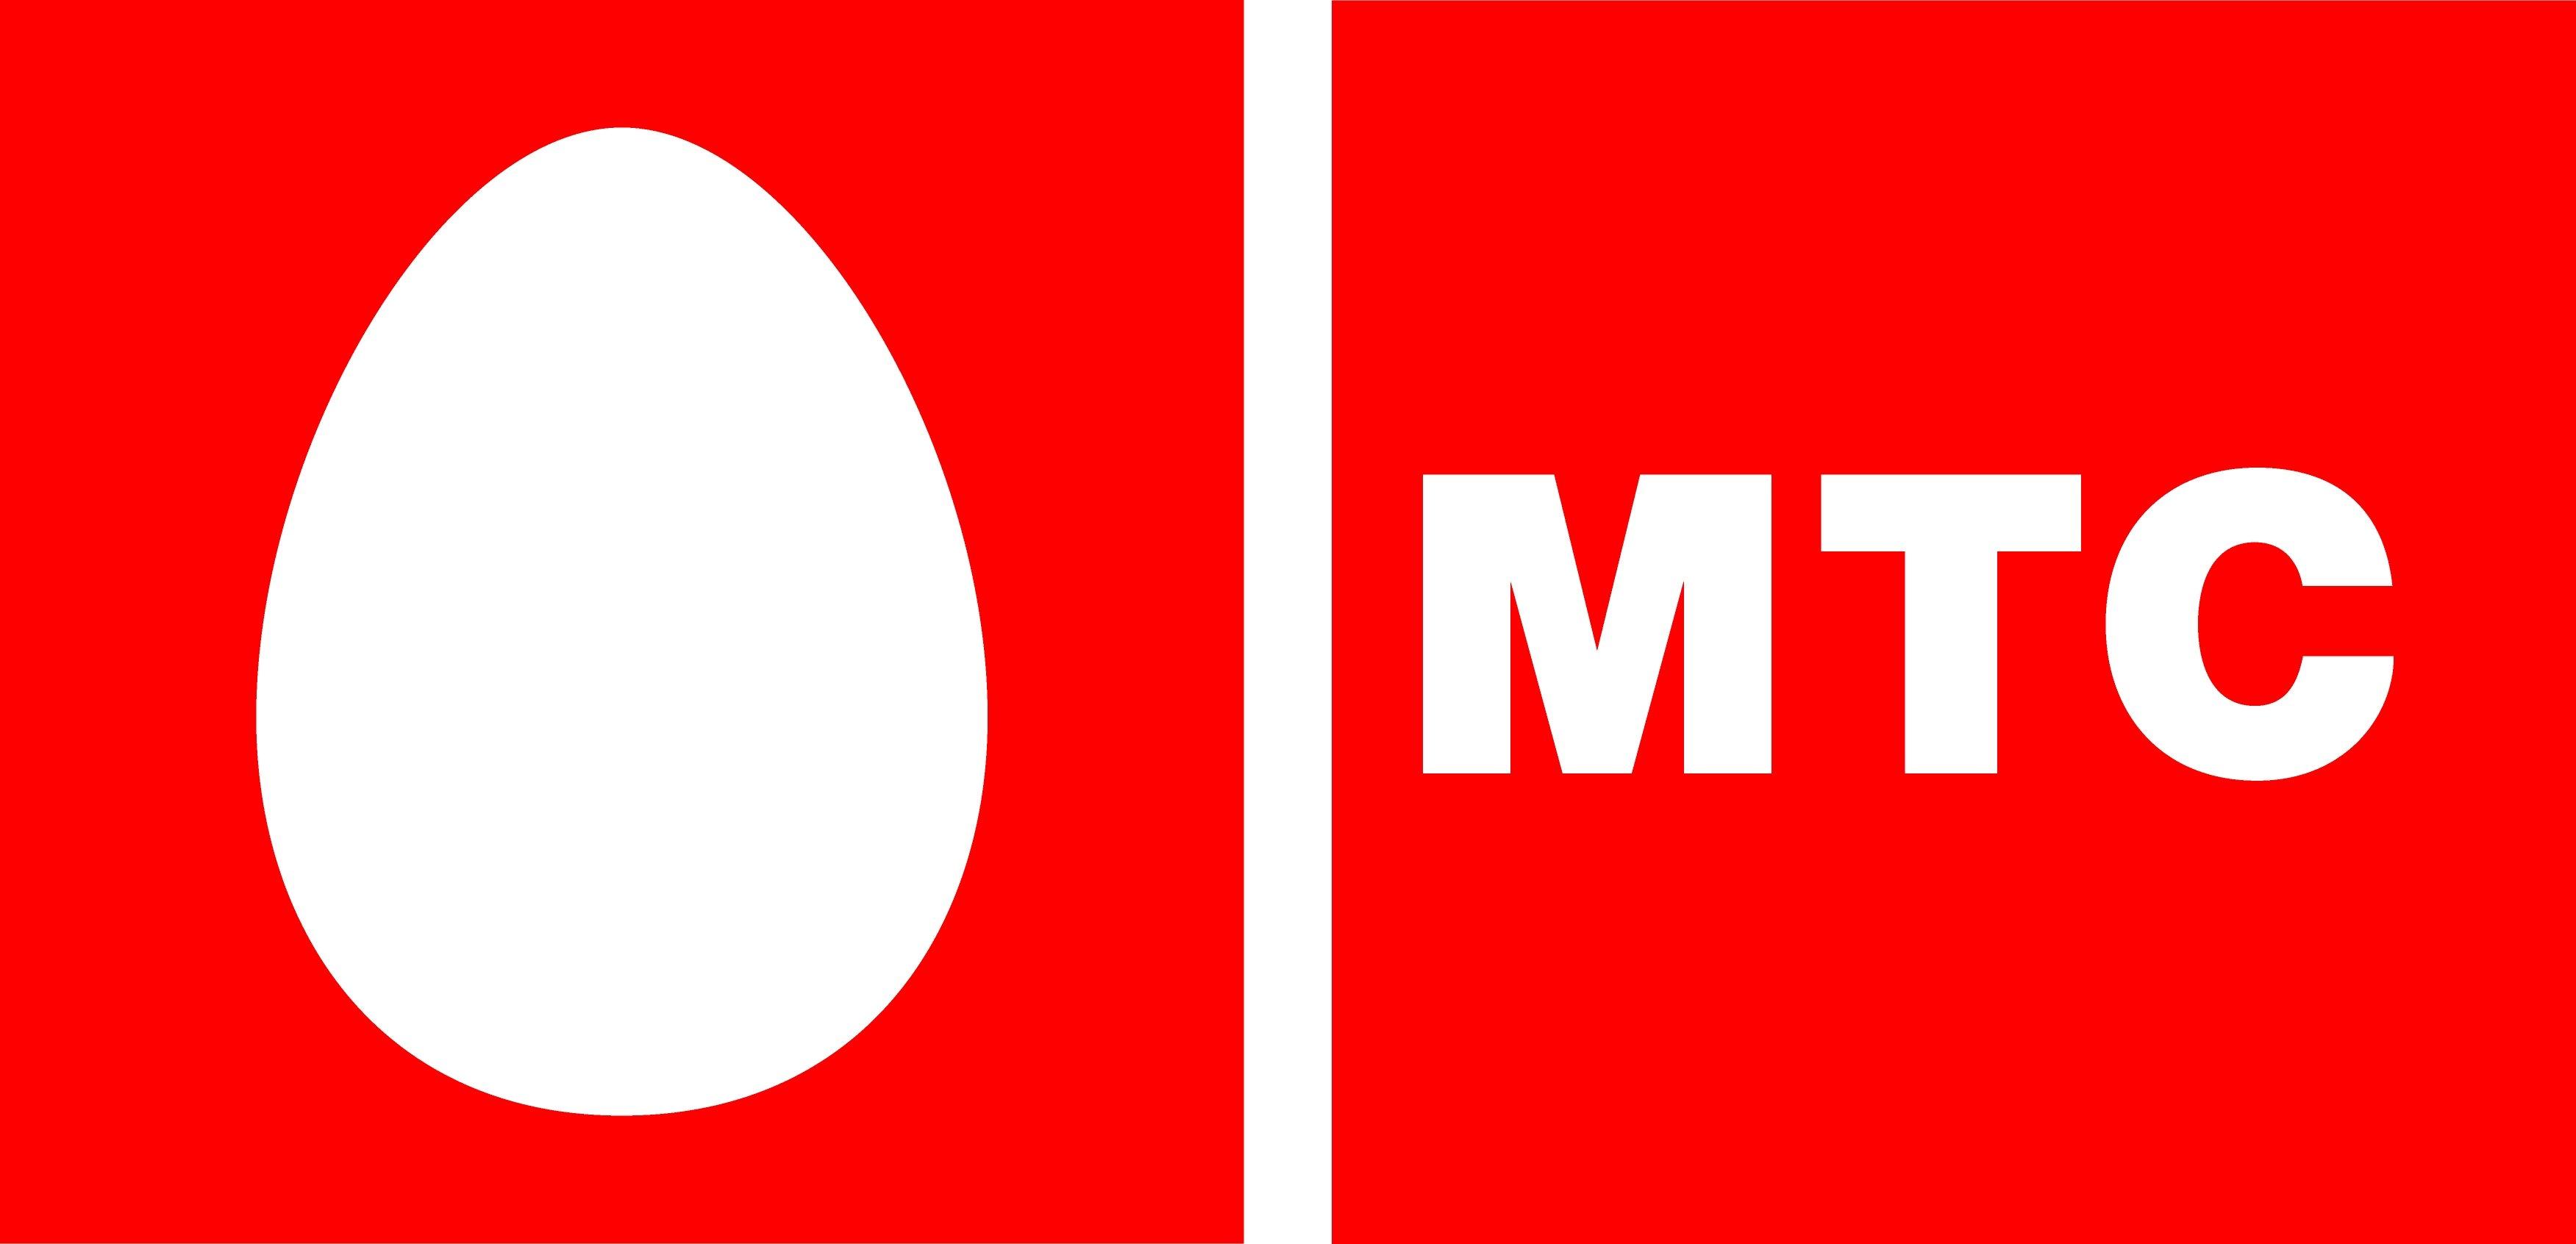 Абоненты МТС Москве остались без сети - Изображение 1